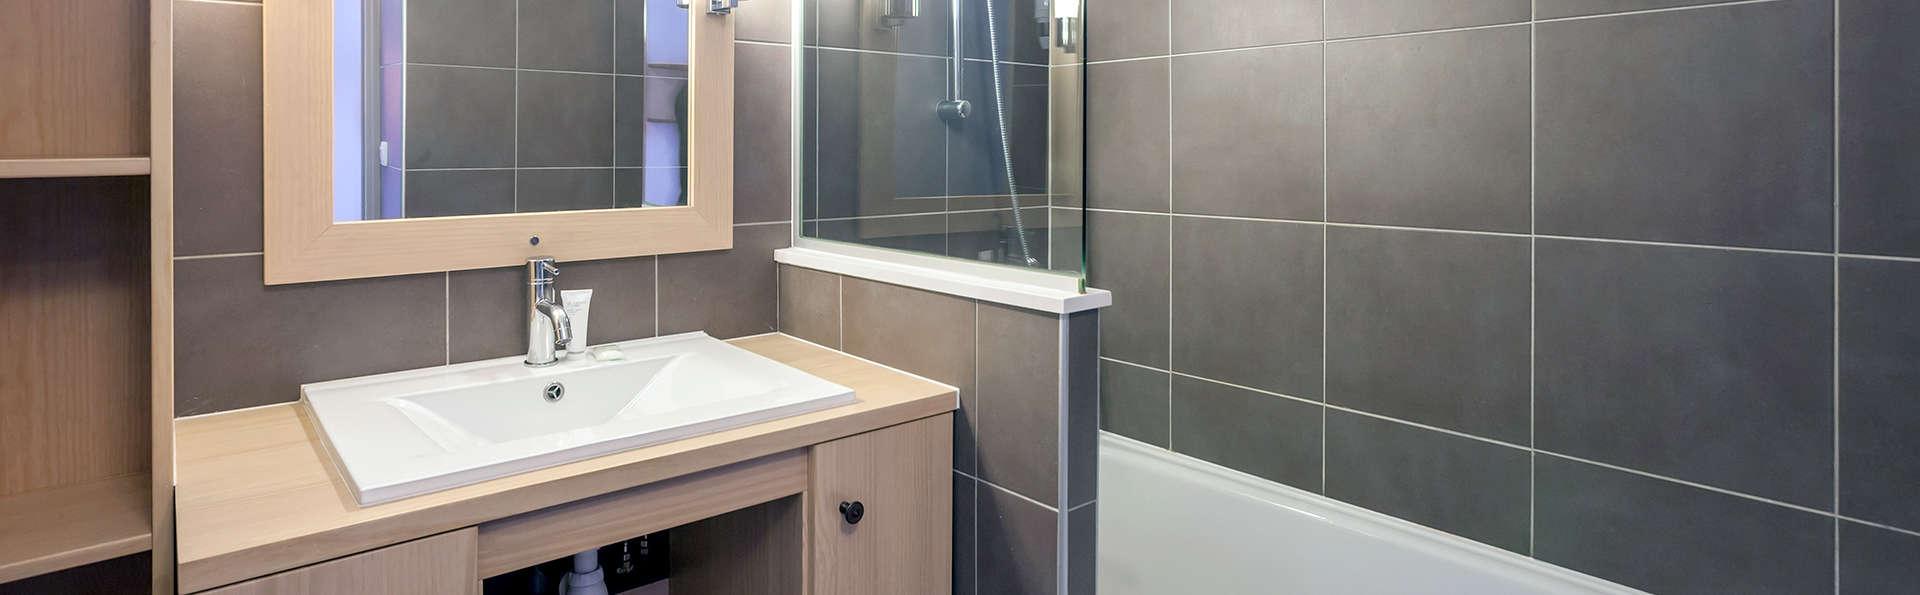 Pierre et Vacances Les Chalets de Solaise - Edit_Bathroom.jpg